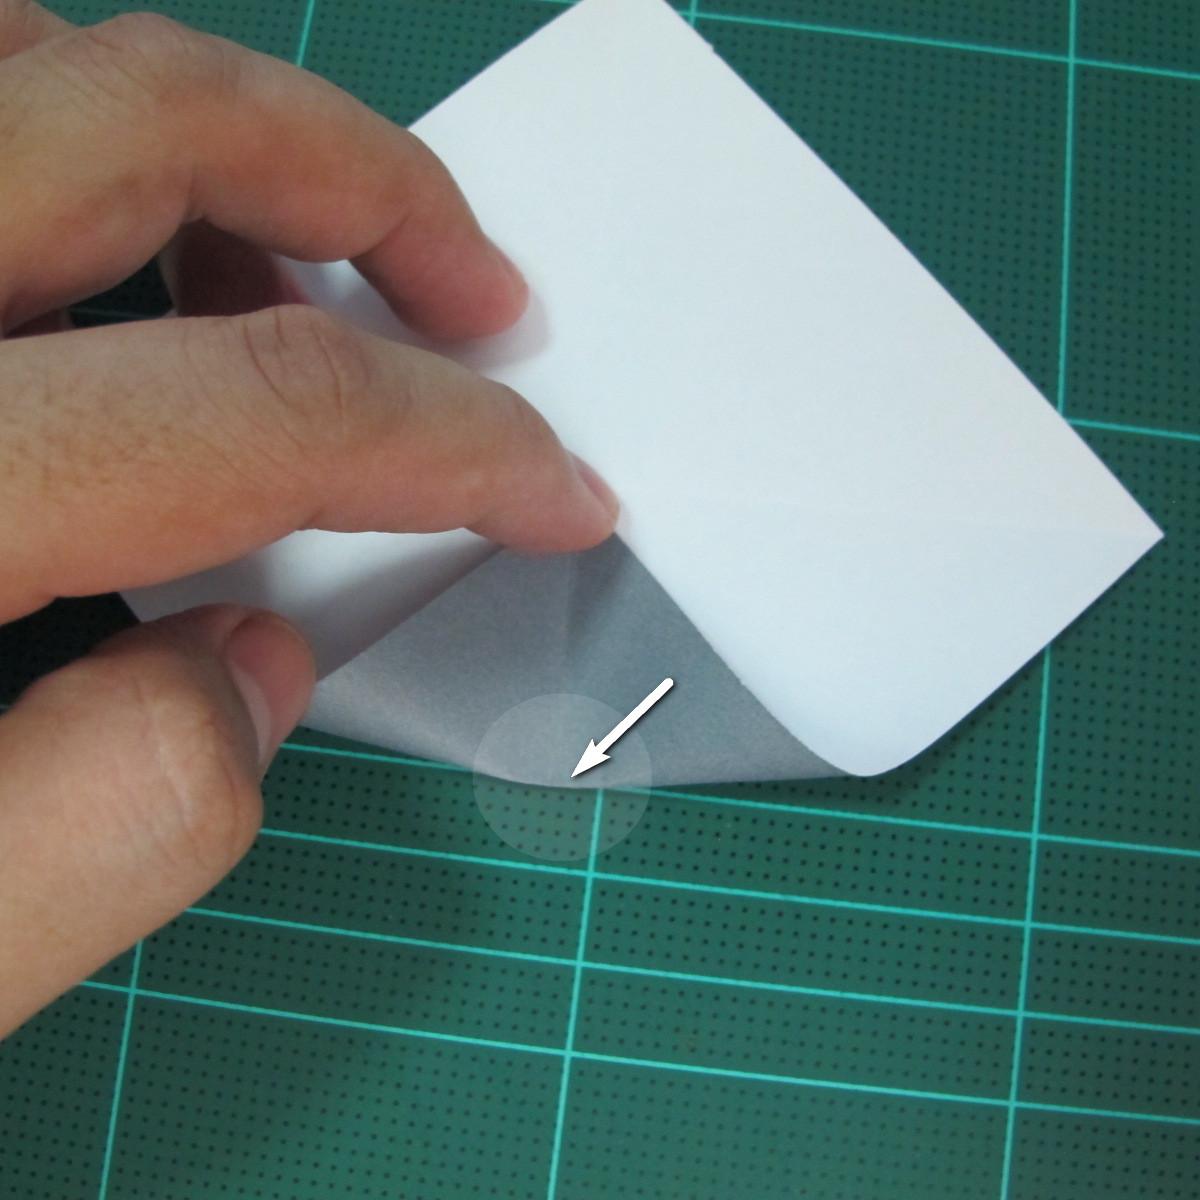 วิธีพับกล่องของขวัญแบบโมดูล่า (Modular Origami Decorative Box) โดย Tomoko Fuse 006